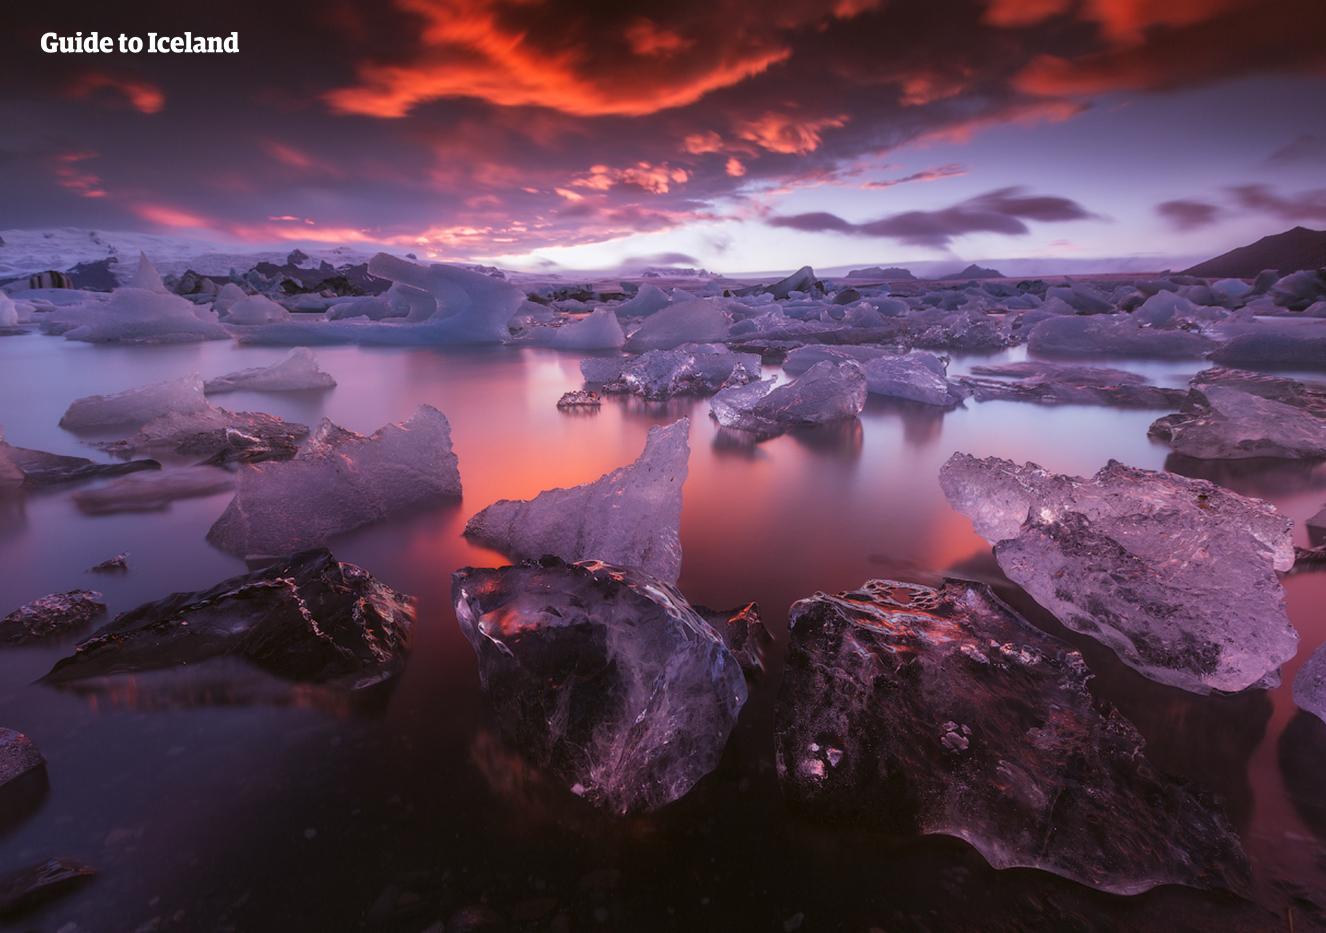 ภูเขาน้ำแข็งที่ทะเลสาบธารน้ำแข็งโจกุลซาลอนเป็นประกายใต้แสงอาทิตย์หน้าร้อน